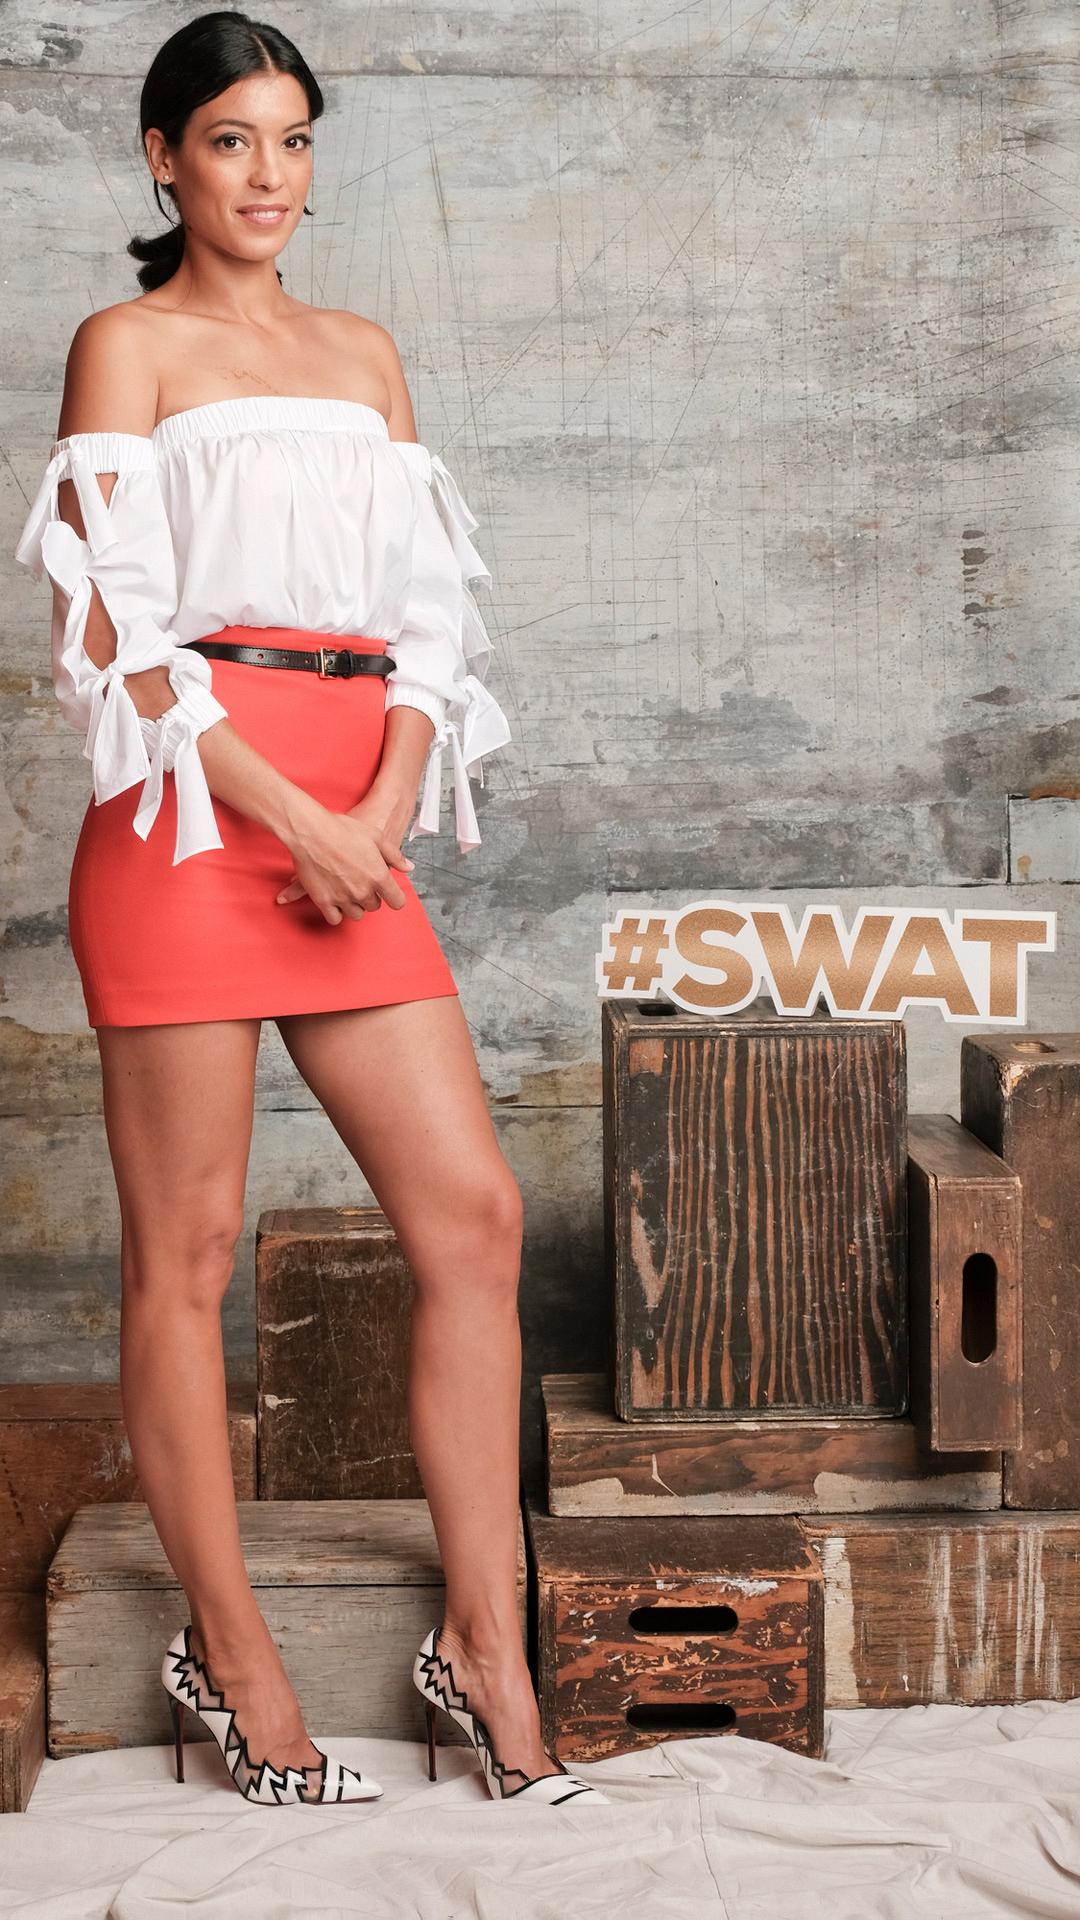 Stephanie Sigman of S.W.A.T.